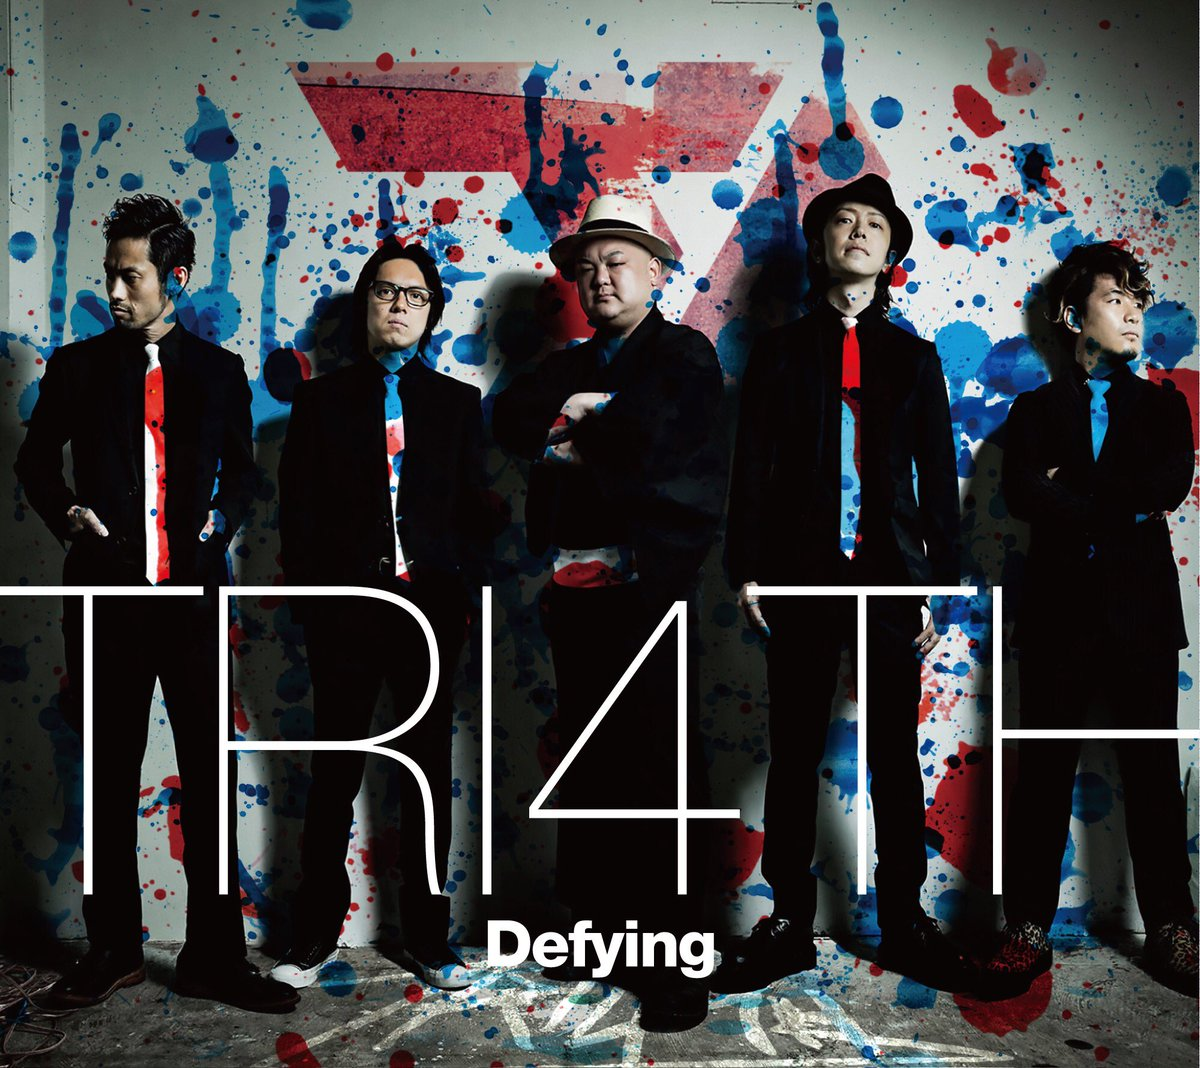 """9/14リリースPlaywright第二弾フルアルバム""""Defying""""より、 リードトラック """"Sand Castle"""" のMV 完成しました! 渾身の豪速球! 是非 ご覧ください。 https://t.co/HoOzuc0Bsa https://t.co/82mlrPapRx"""